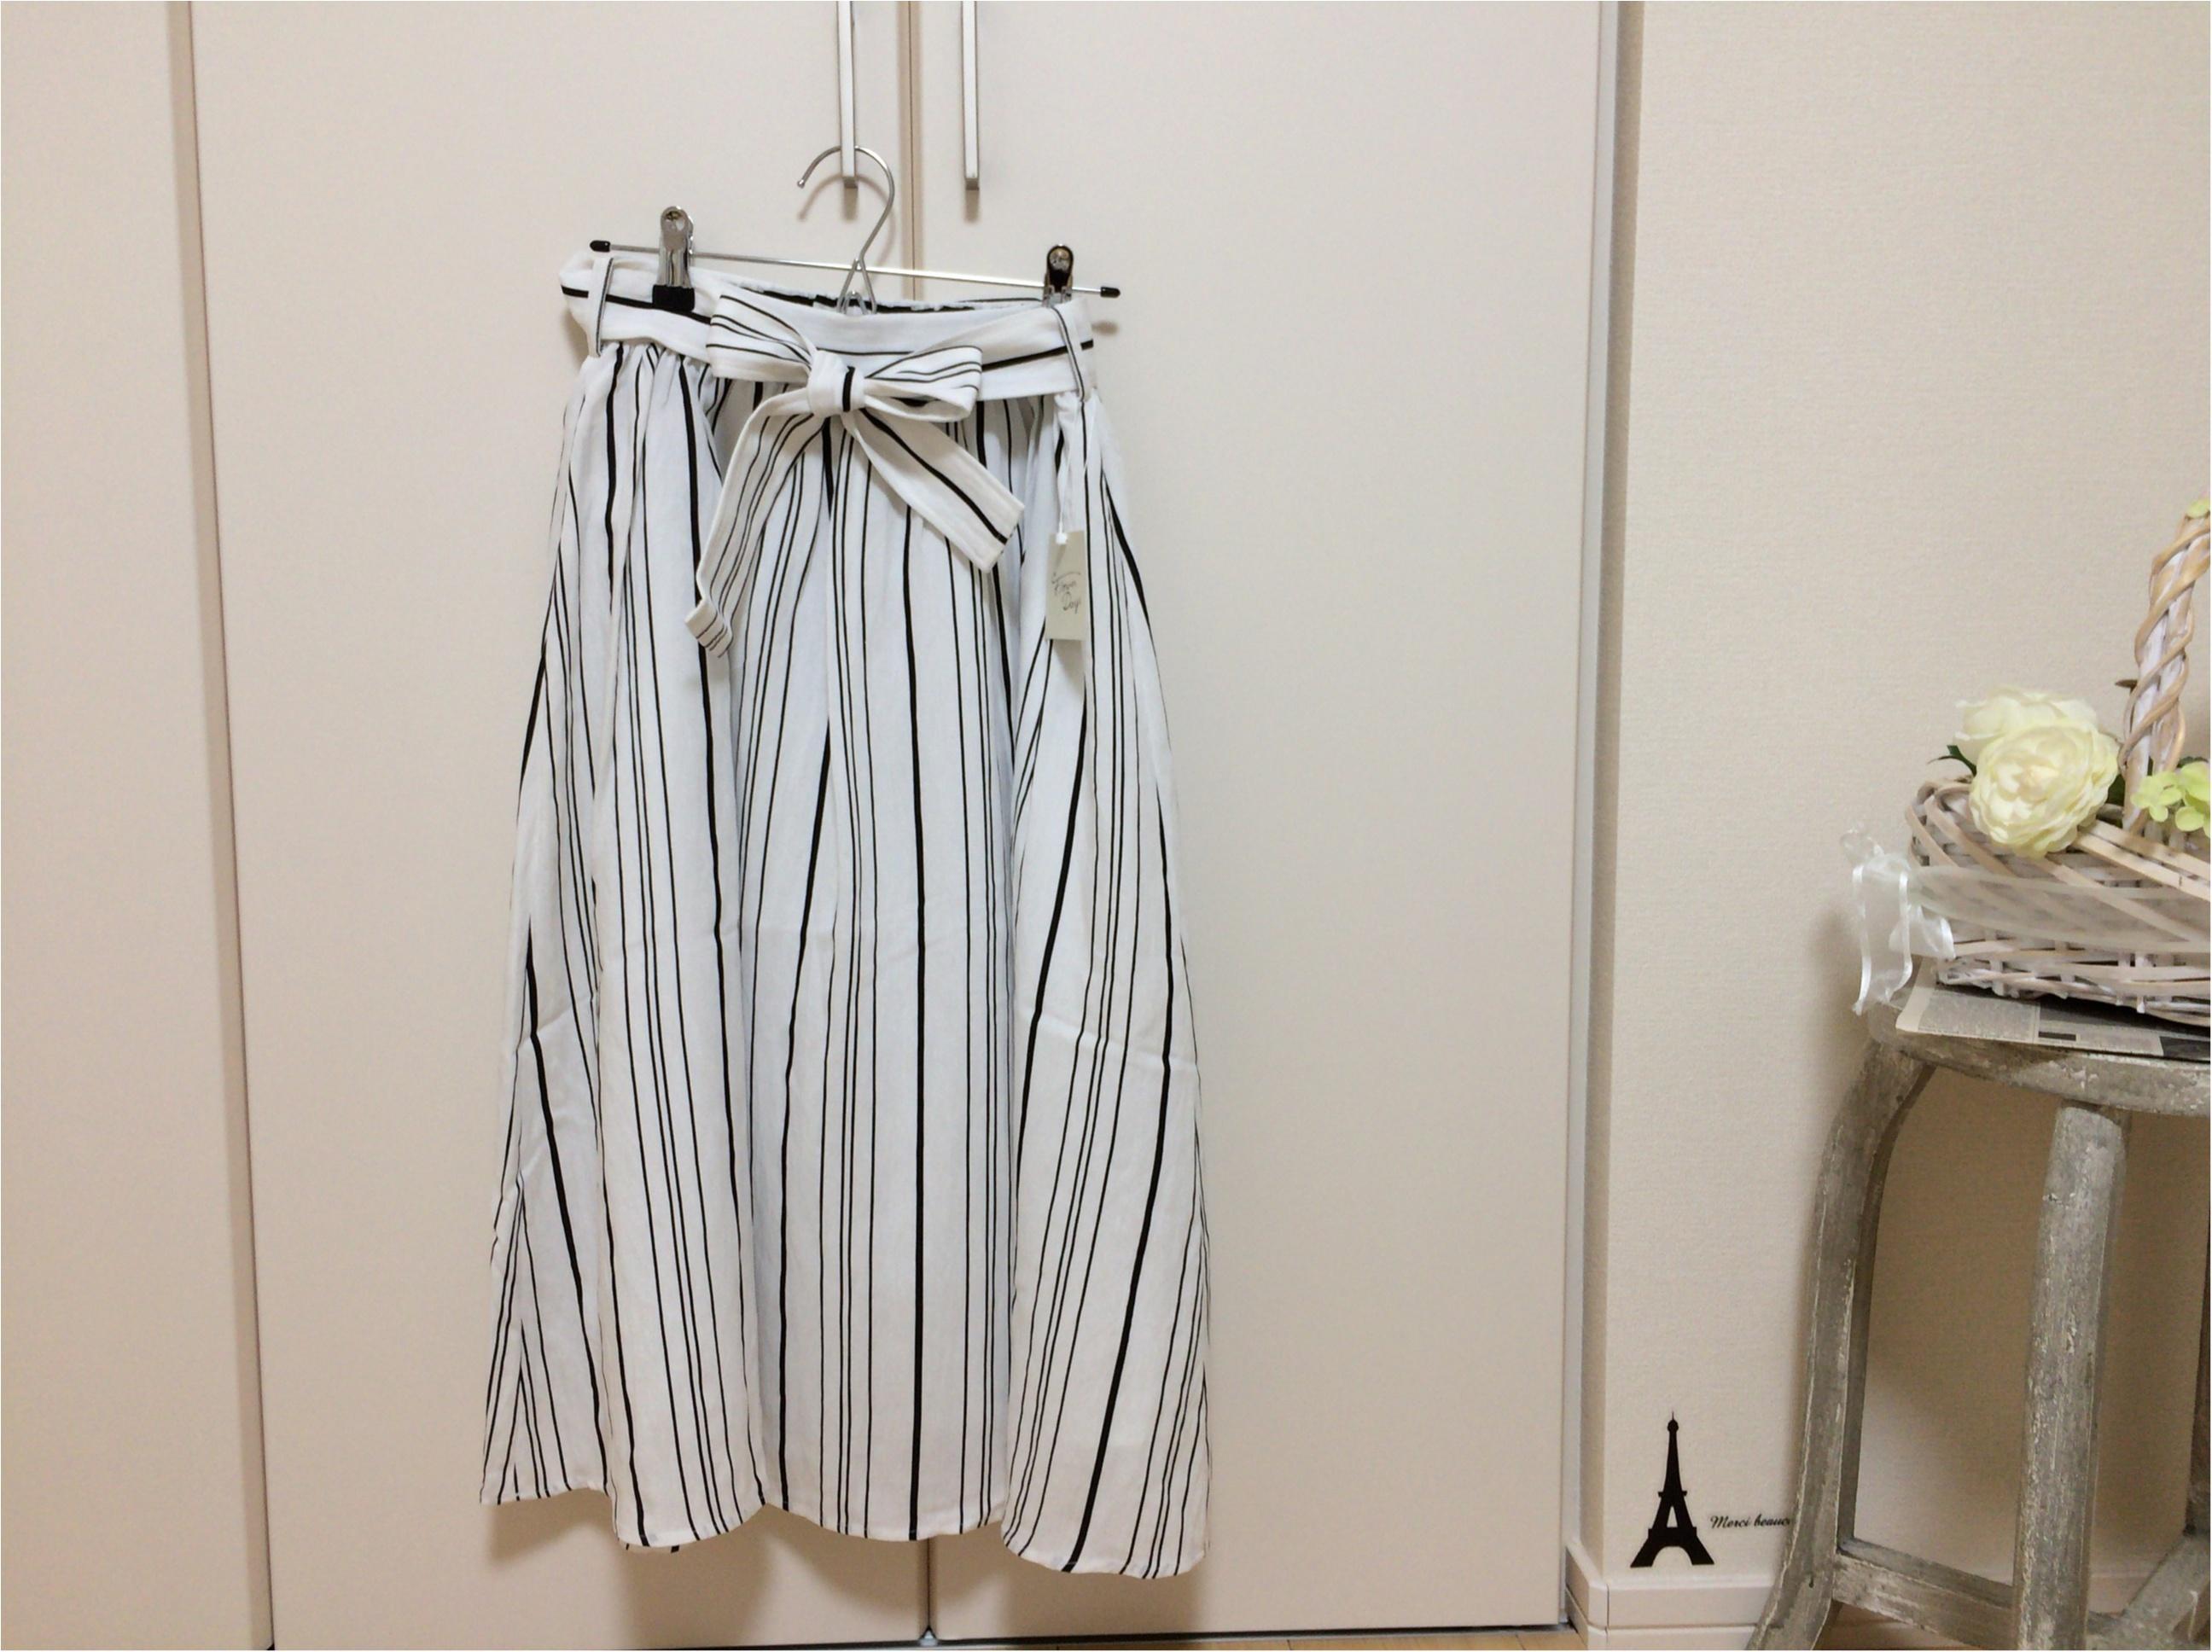 佐藤ありさコラボ服『FlowerDays』流行《ストライプ》リネン風スカートは着回しも着心地も楽チン!_6